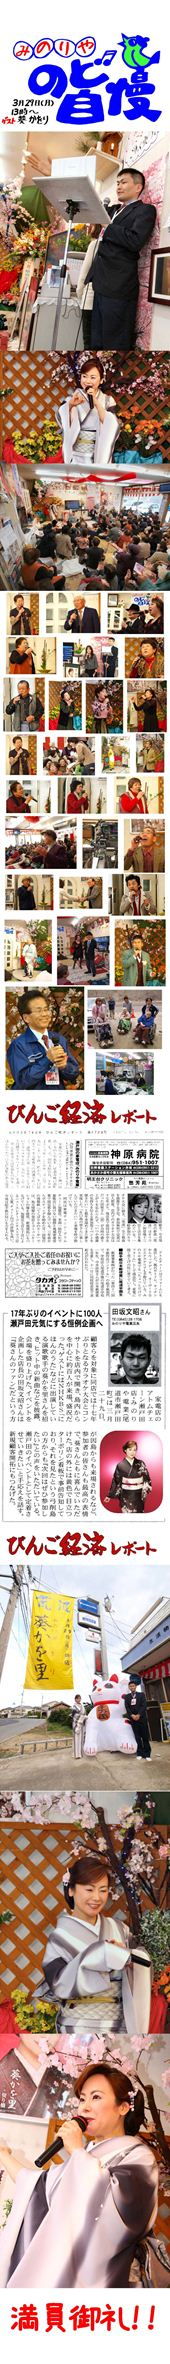 第1回 みのりーやのど自慢 葵かを里 新曲「荒波」発表コンサート バナー